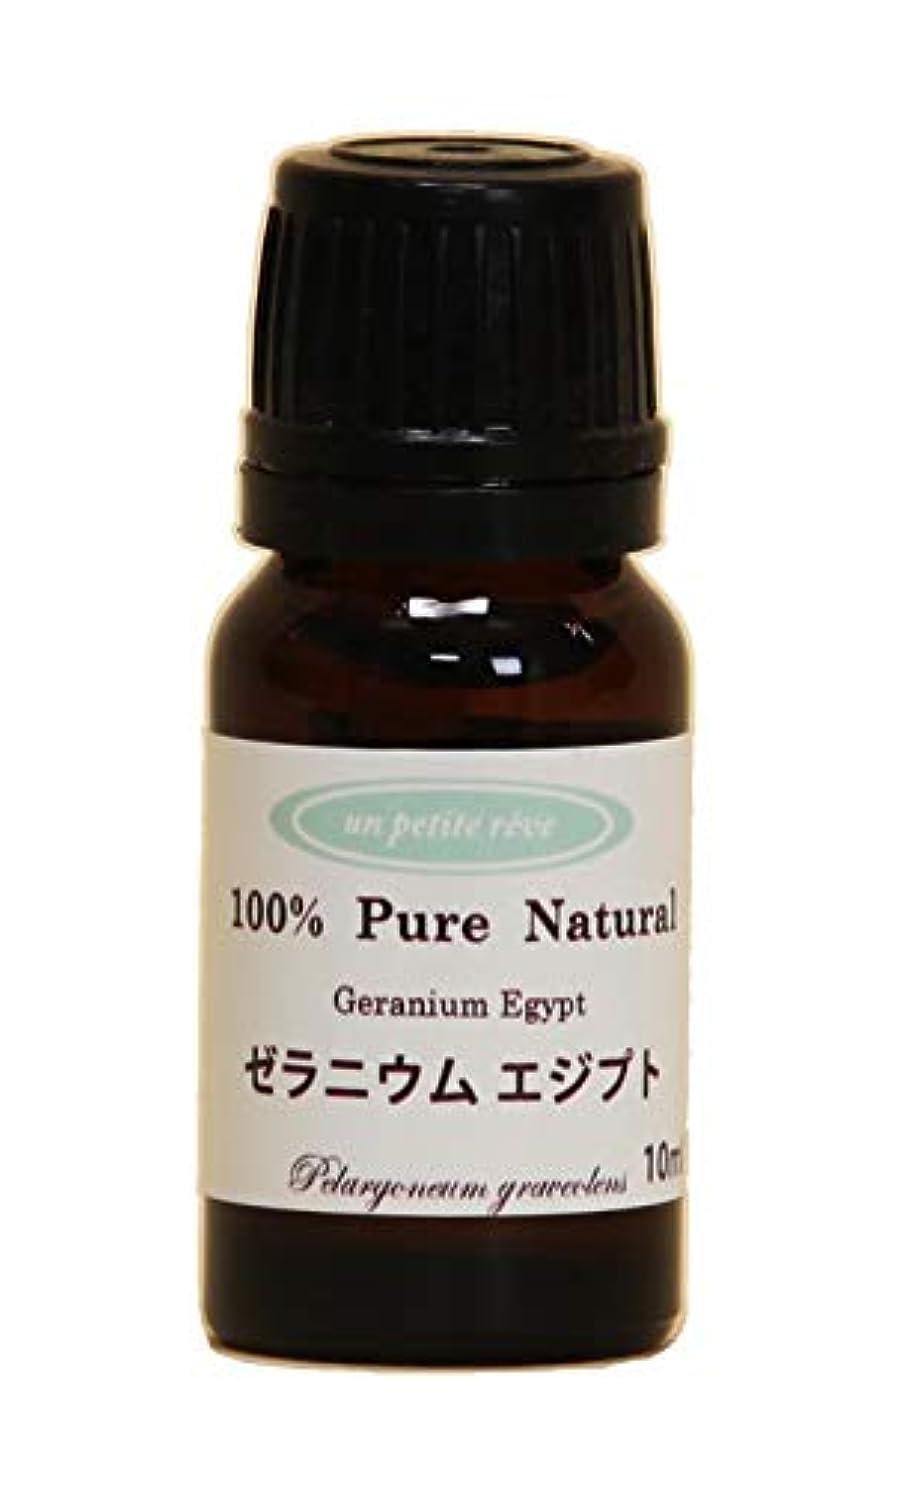 オークランド近く曲ゼラニウムエジプト 10ml 100%天然アロマエッセンシャルオイル(精油)